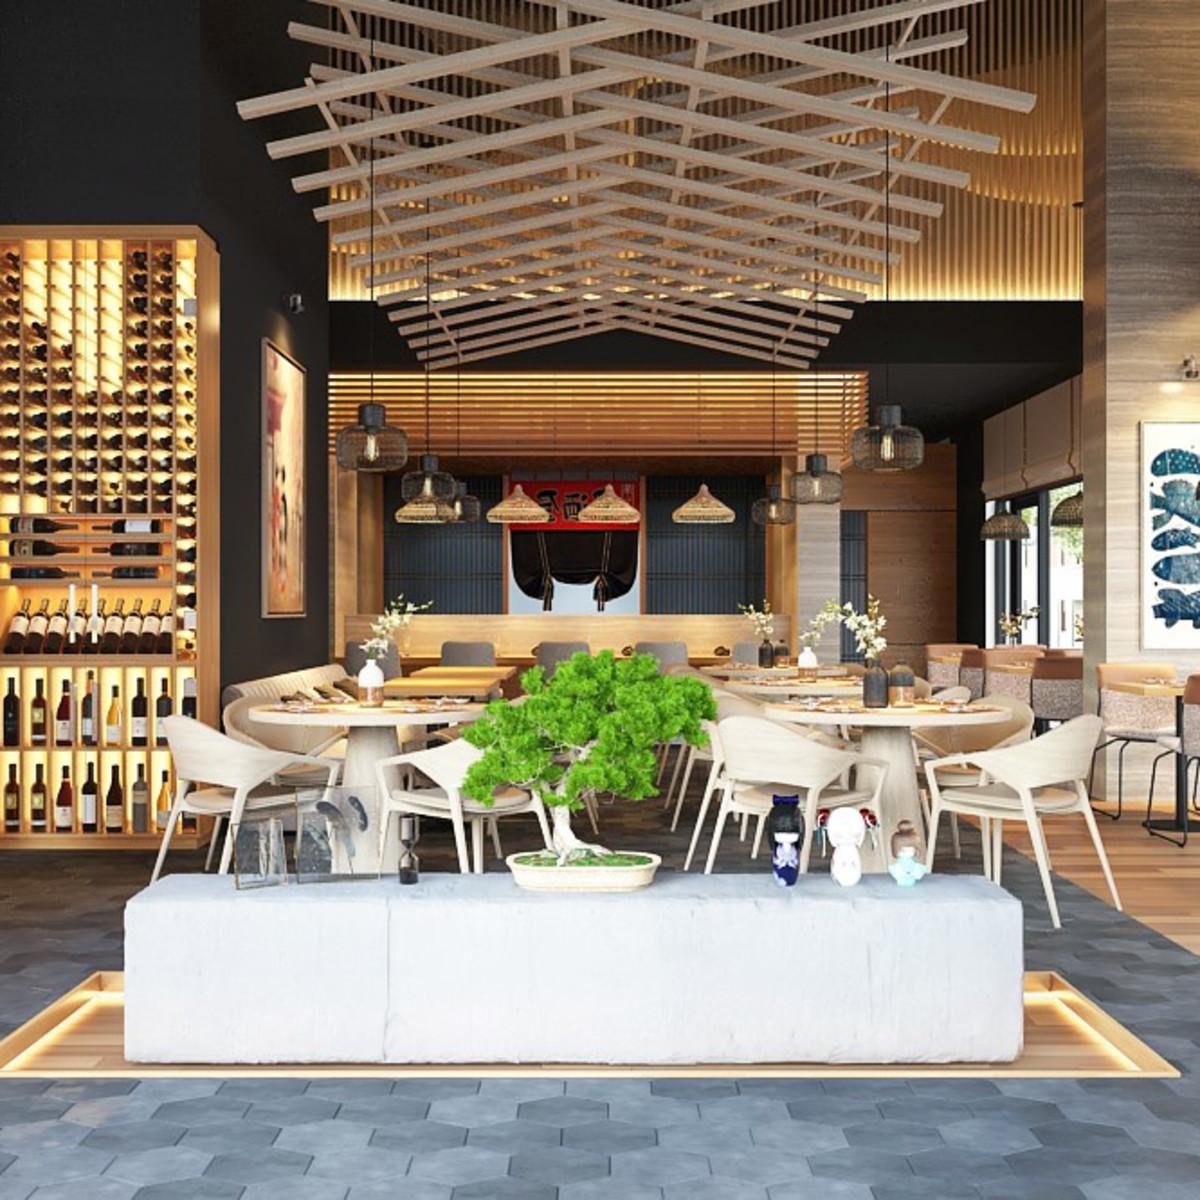 Kanau Sushi rendering Mike Lim